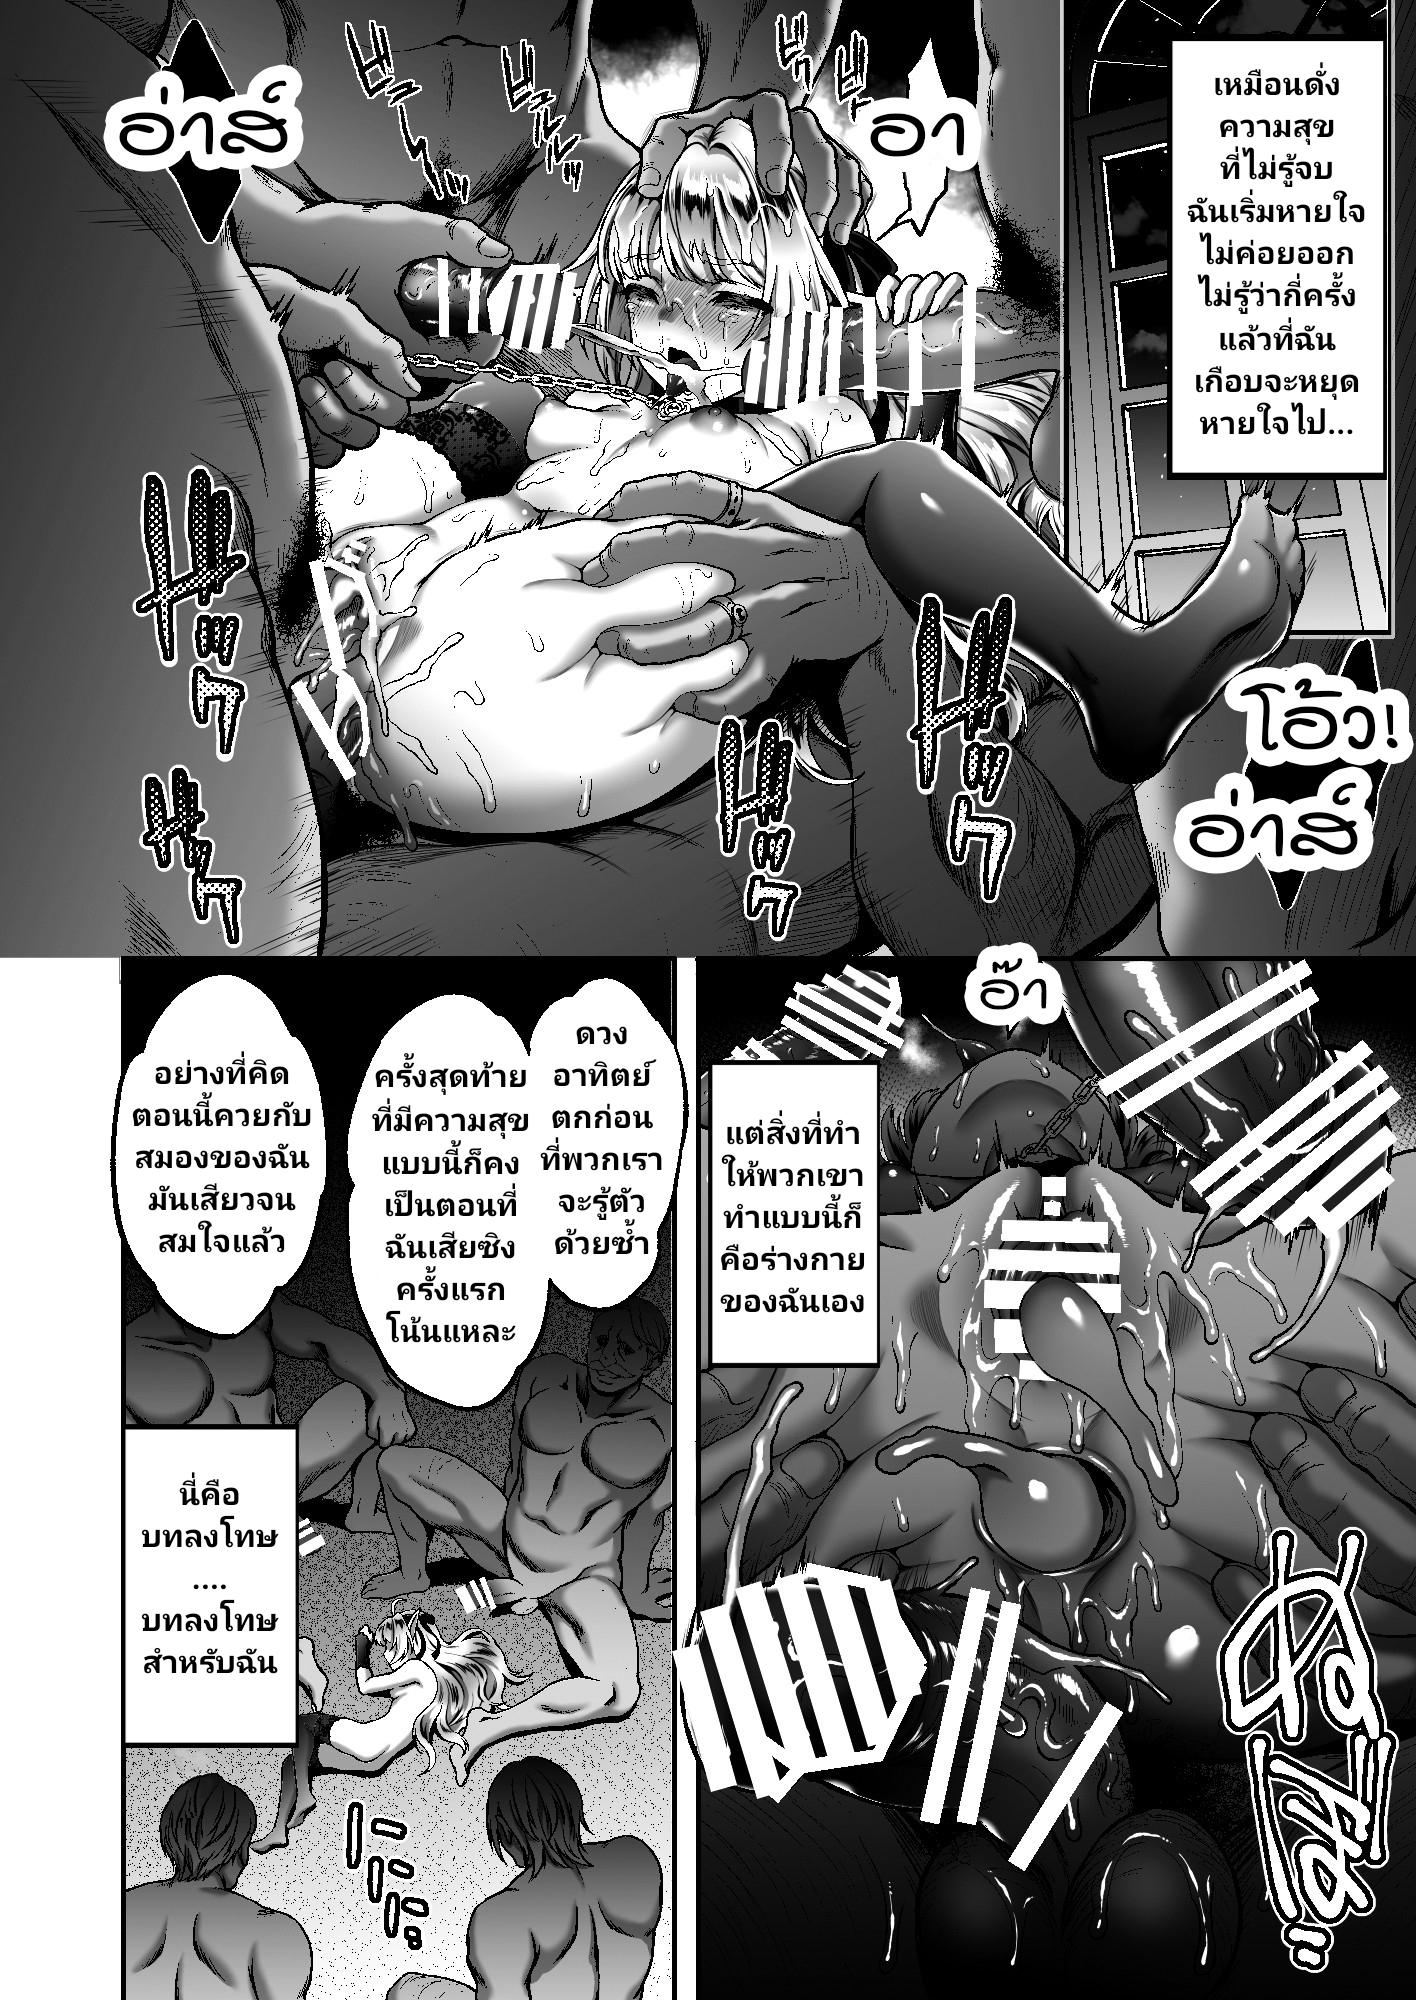 สิ้นศักดิ์ศรีโสเภณีไฮเอลฟ์ 6 - เนื้อเรื่องของเอ็มม่า ภาพ 23